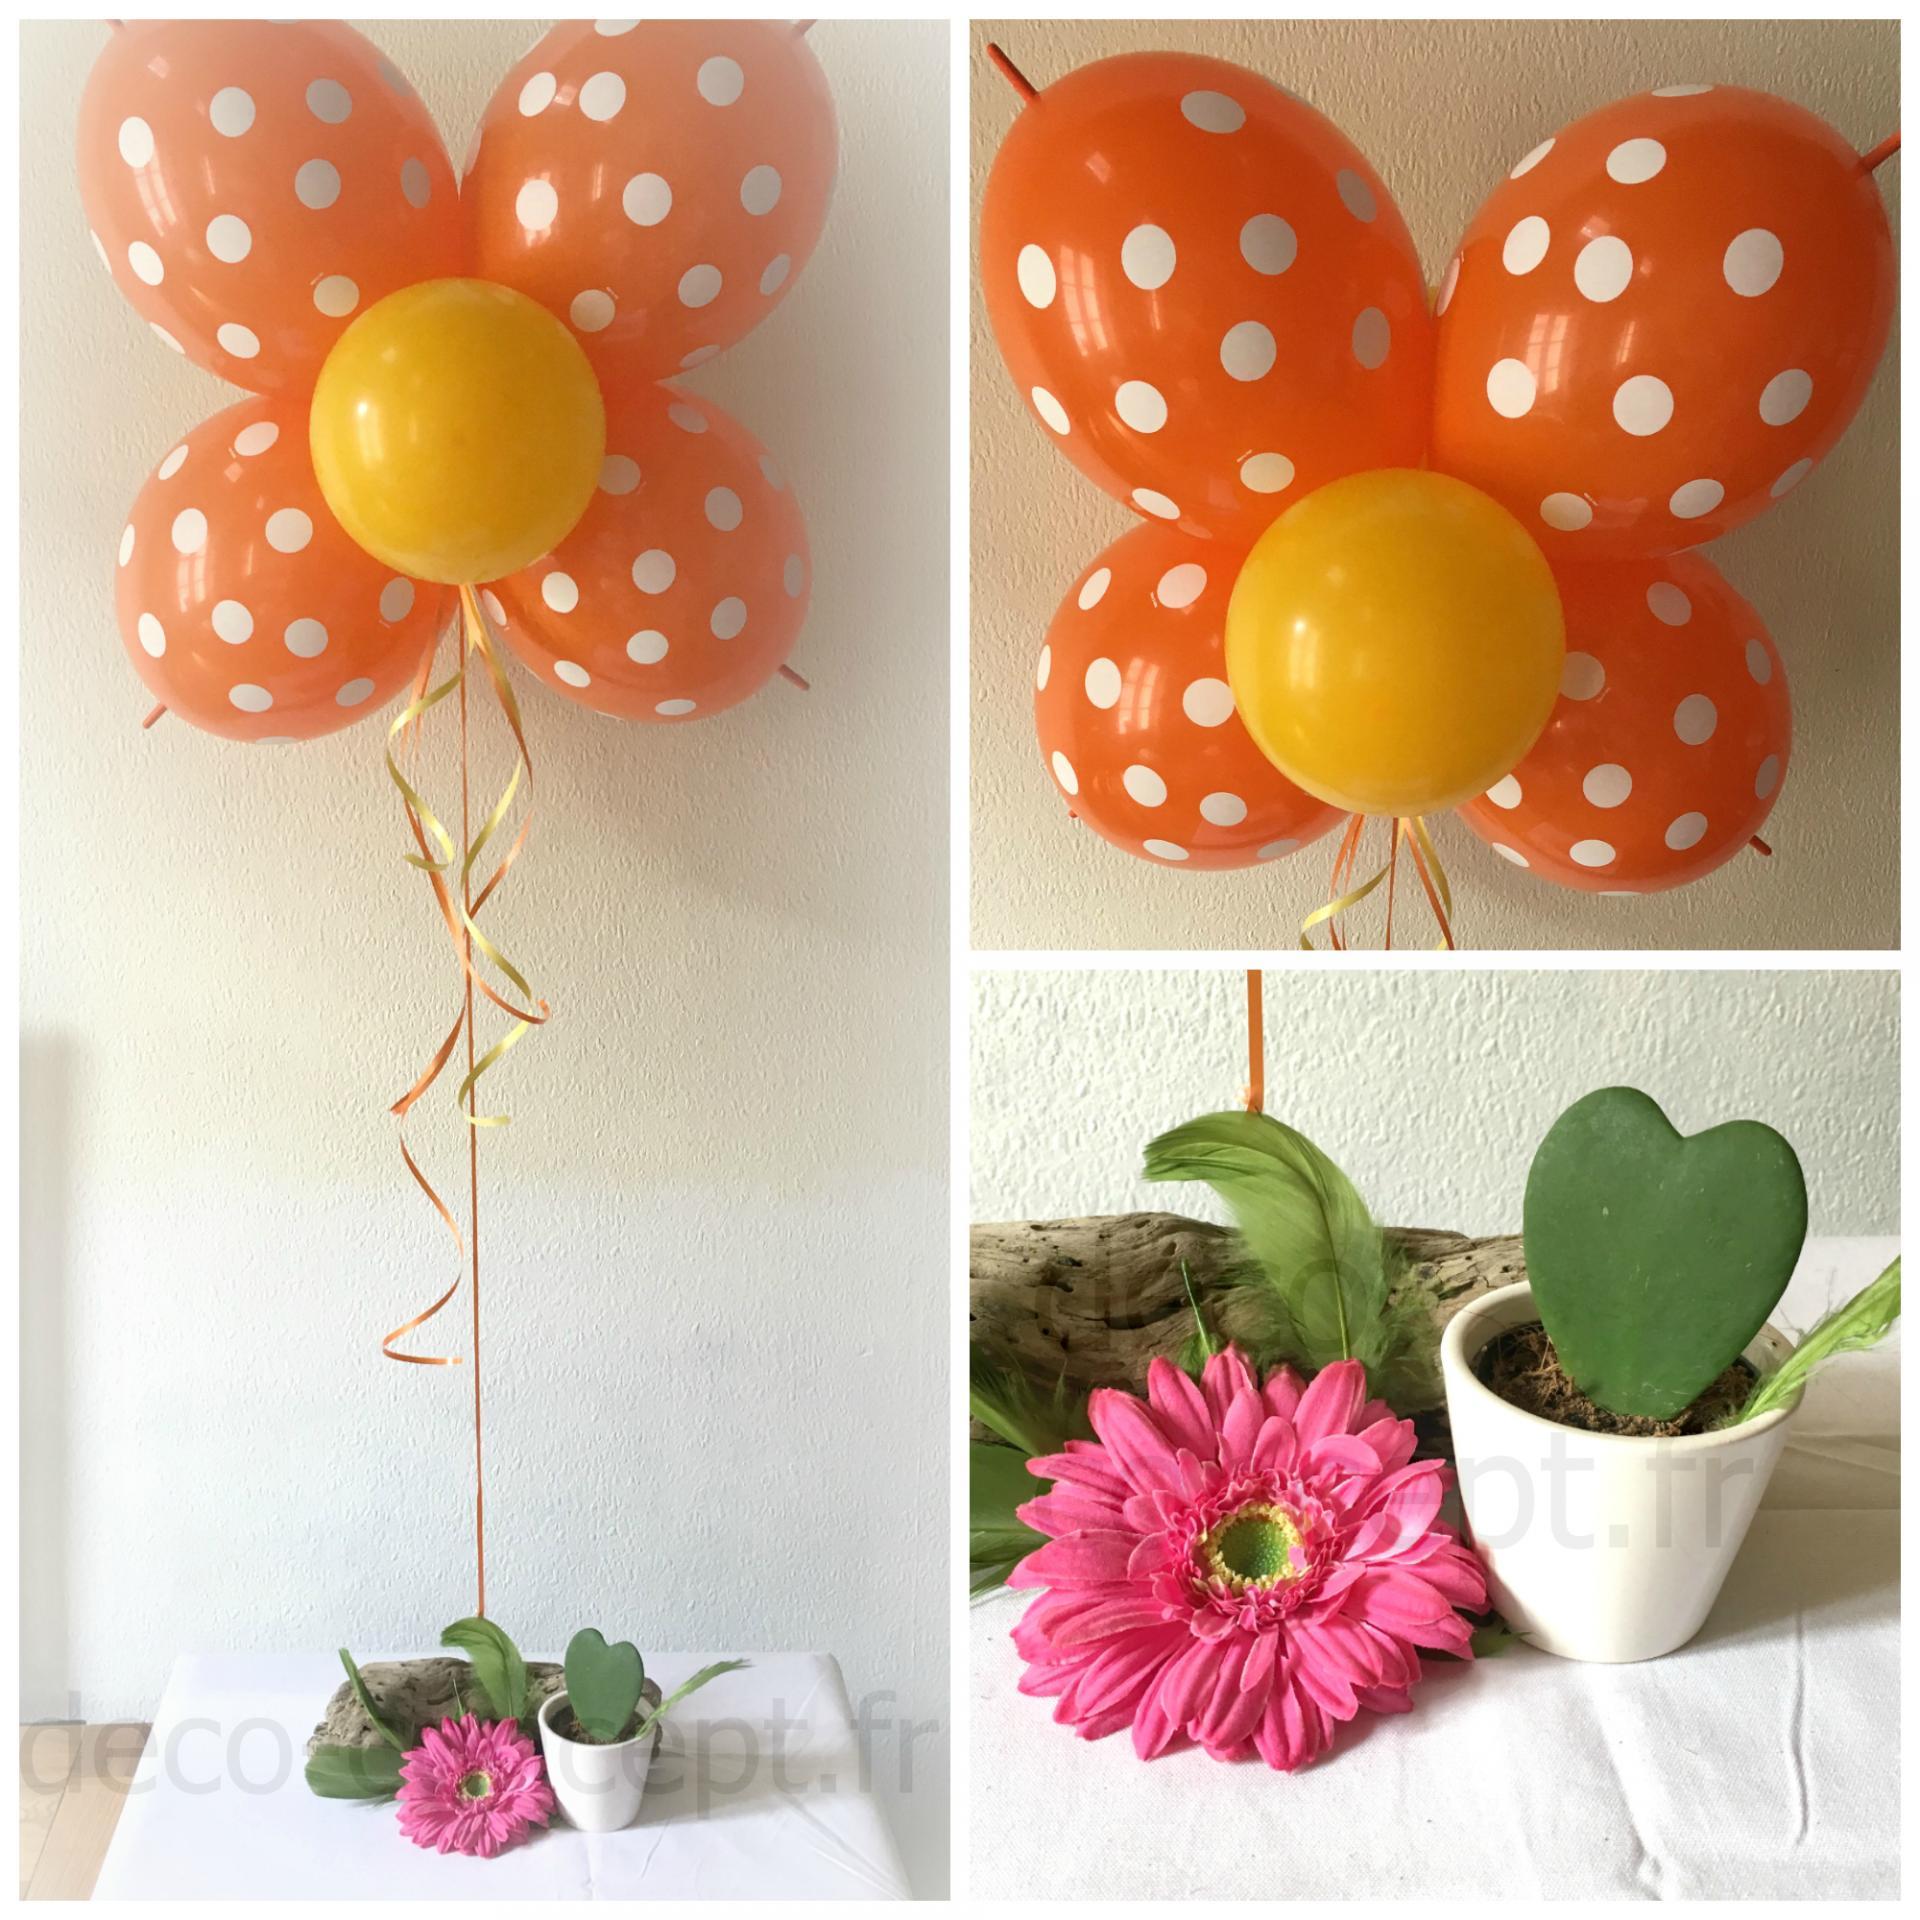 Décoration pour Anniversaire avec Ballons